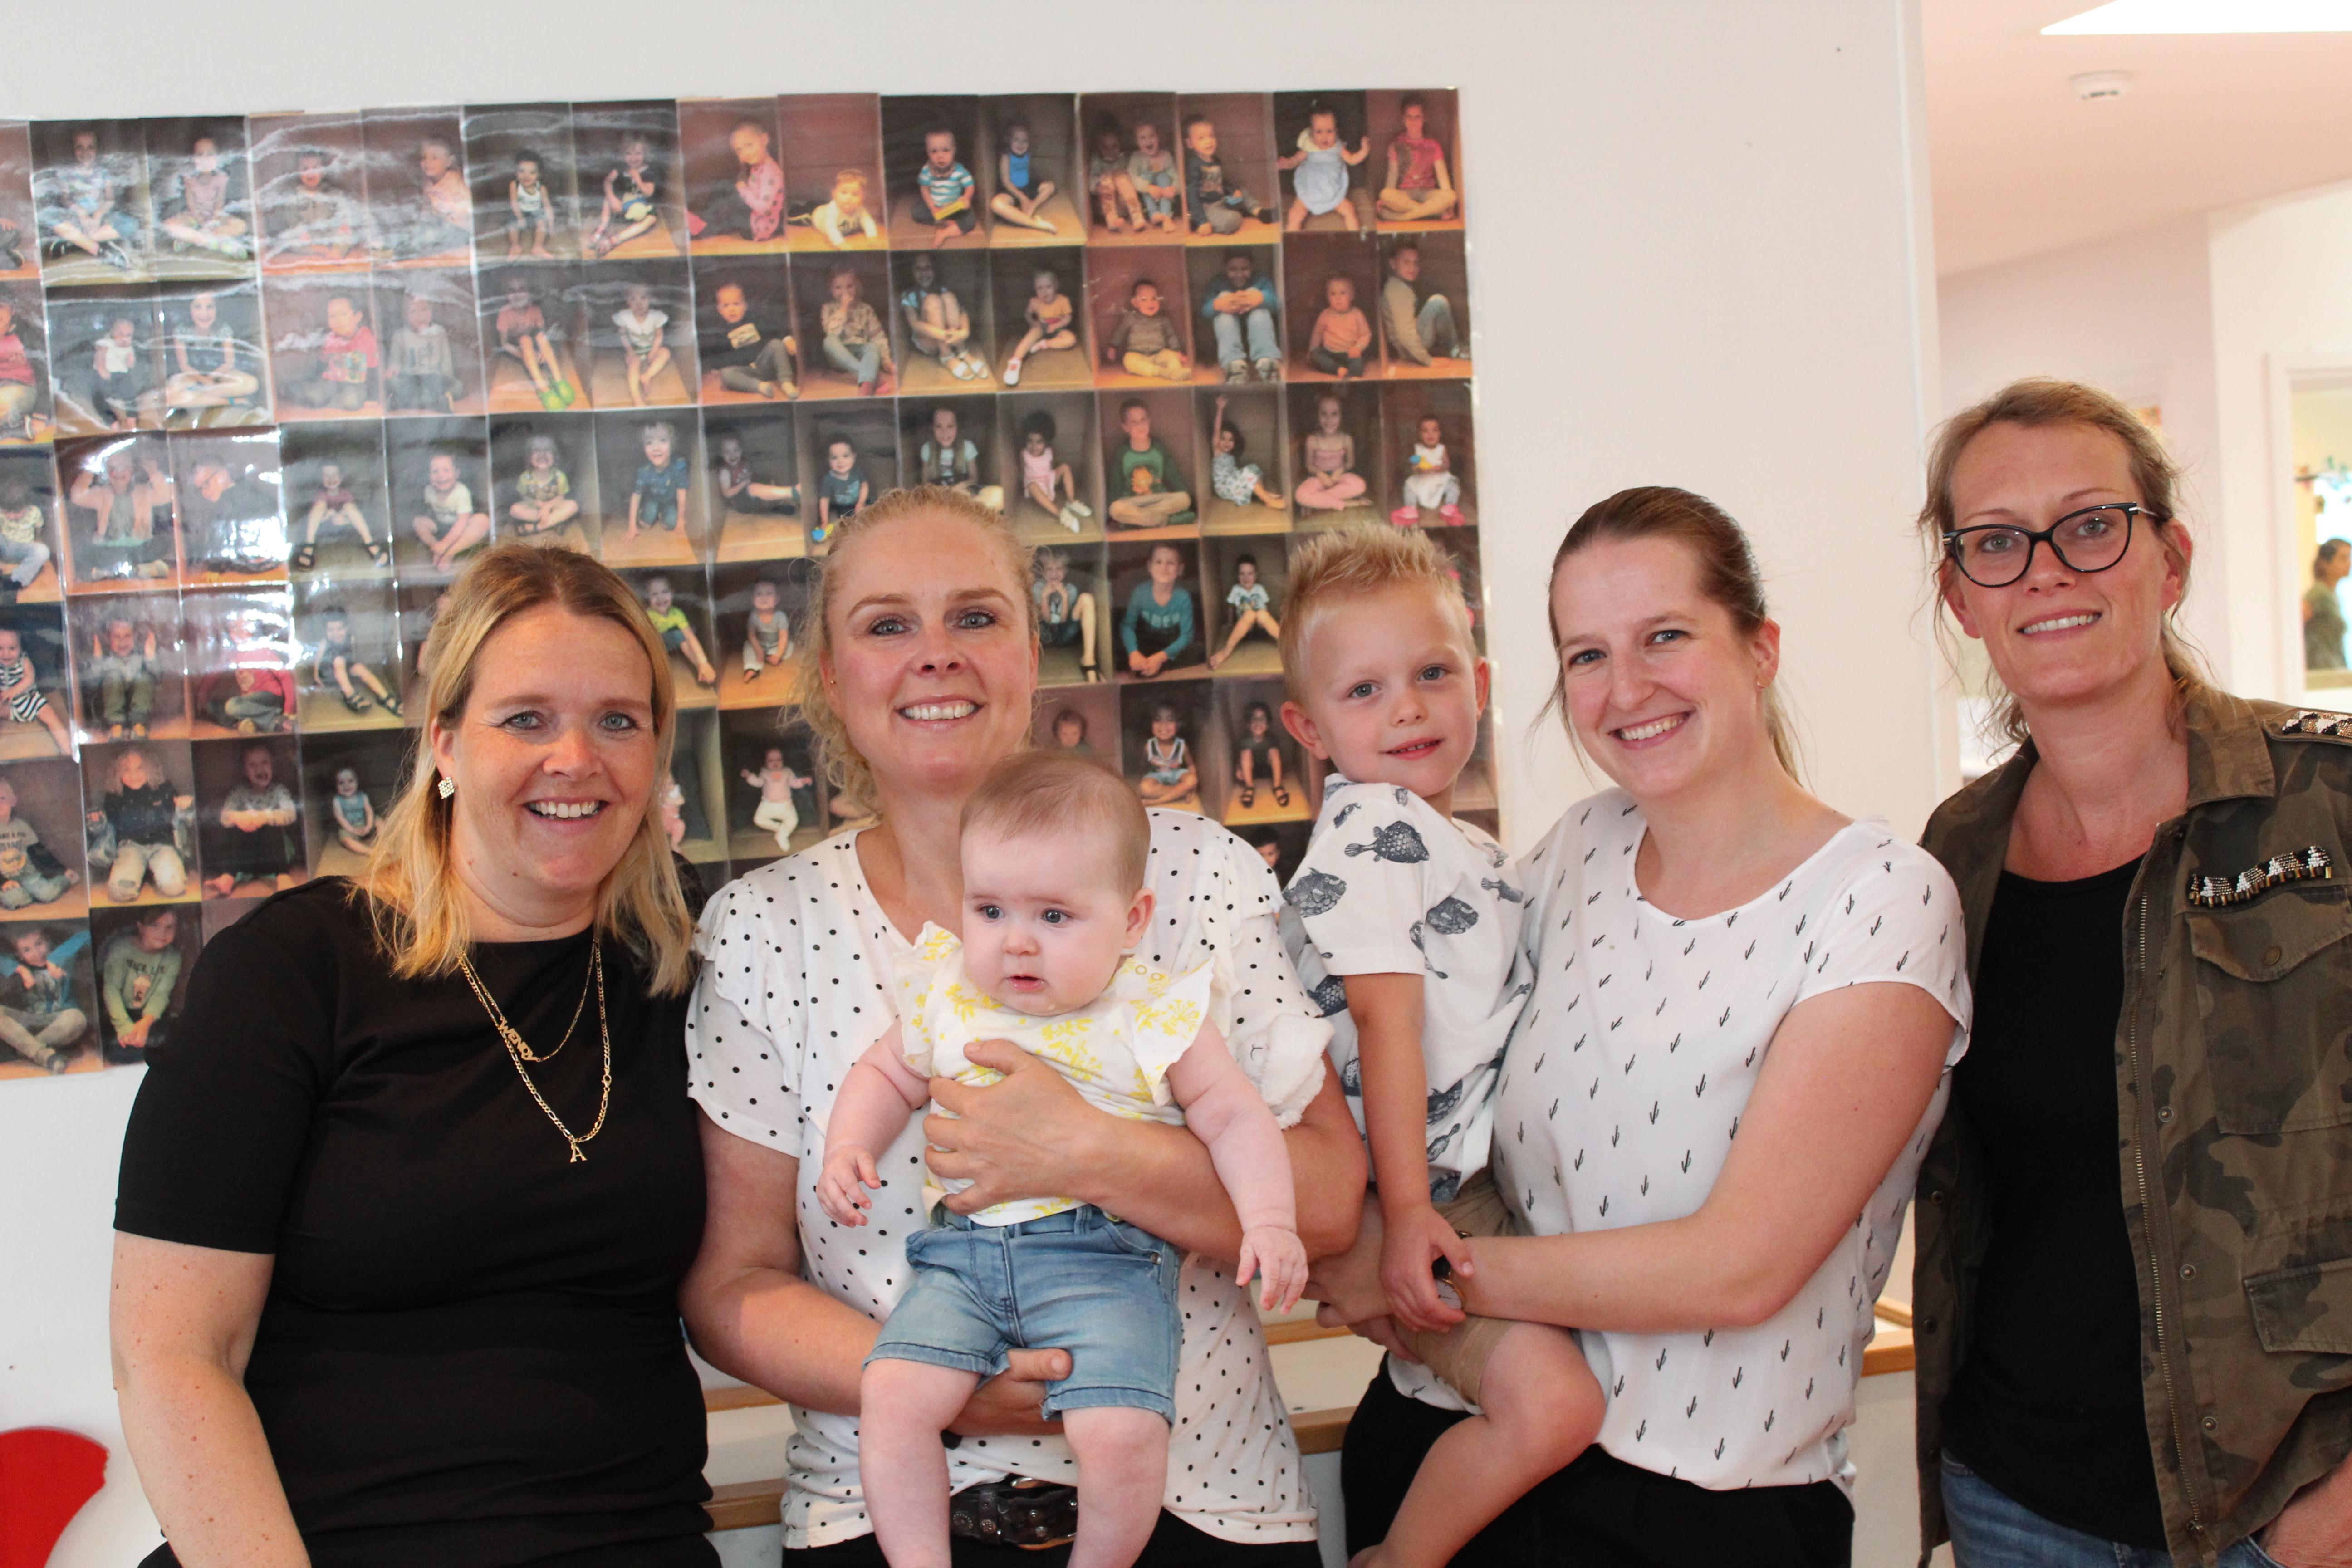 Wendy, Mendy Jessica en Zilla met kids bij kinderopvang Partou. (Foto: Rodi Media)